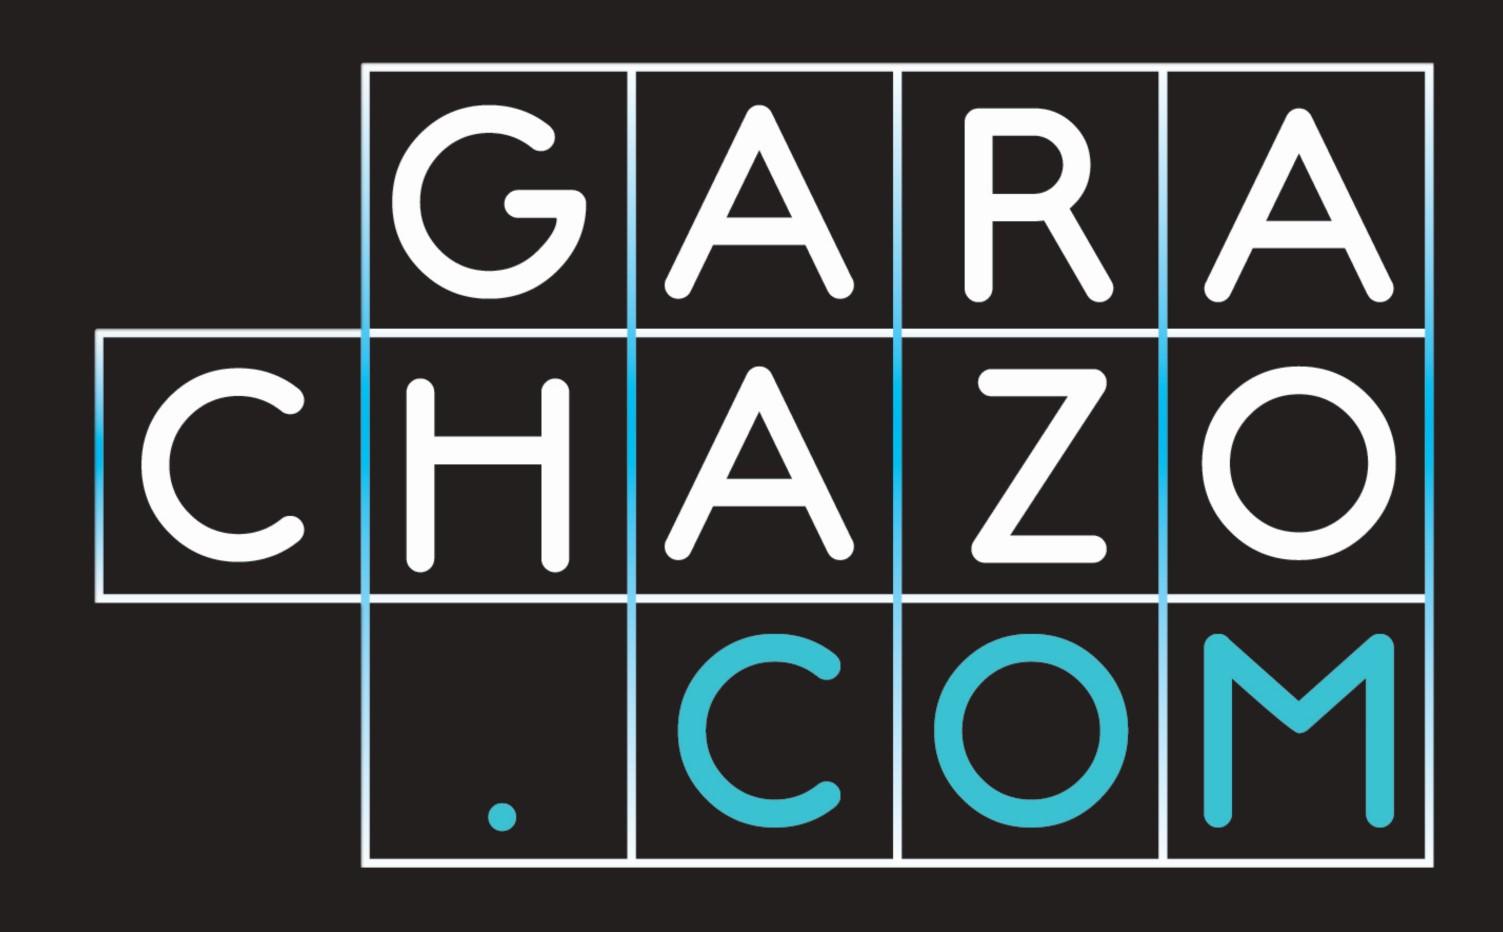 Garachazo